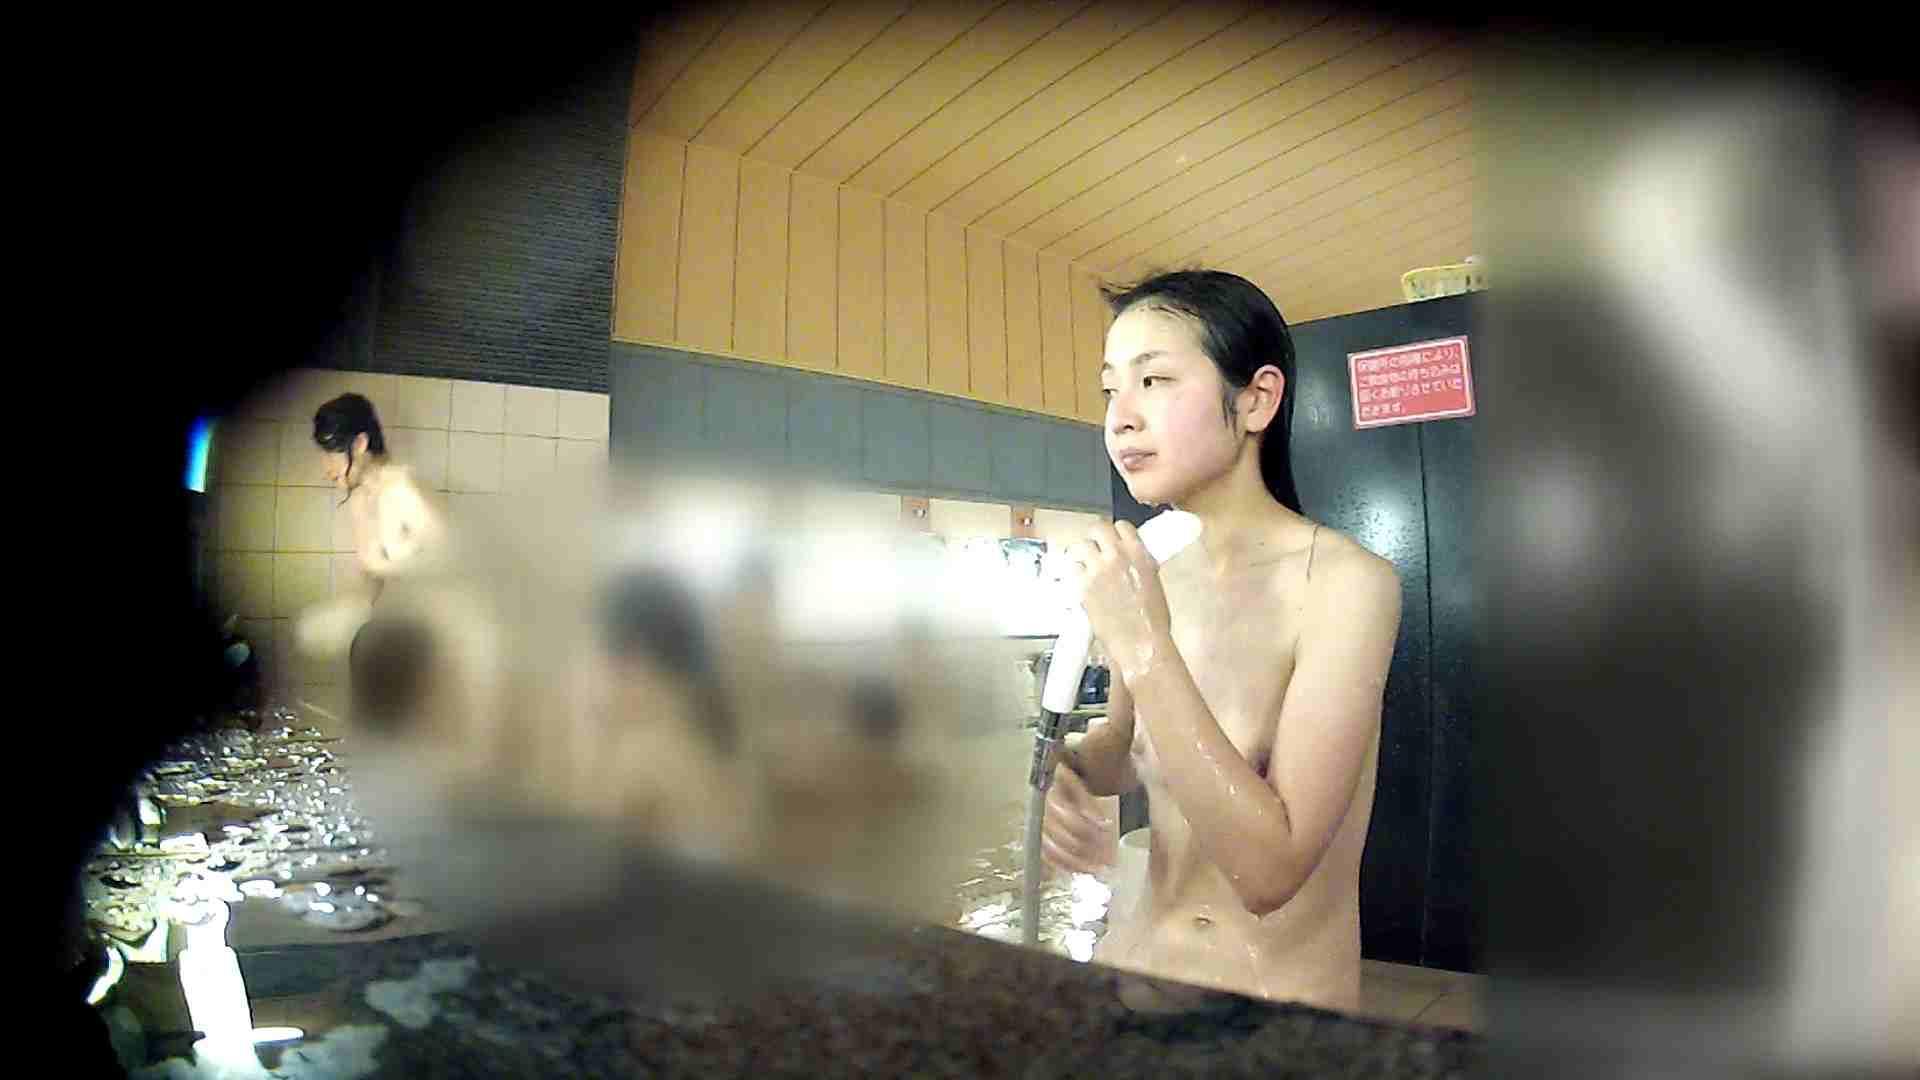 潜入女盗撮師のスーパー銭湯 Vol.01 OLのボディ  105PIX 28